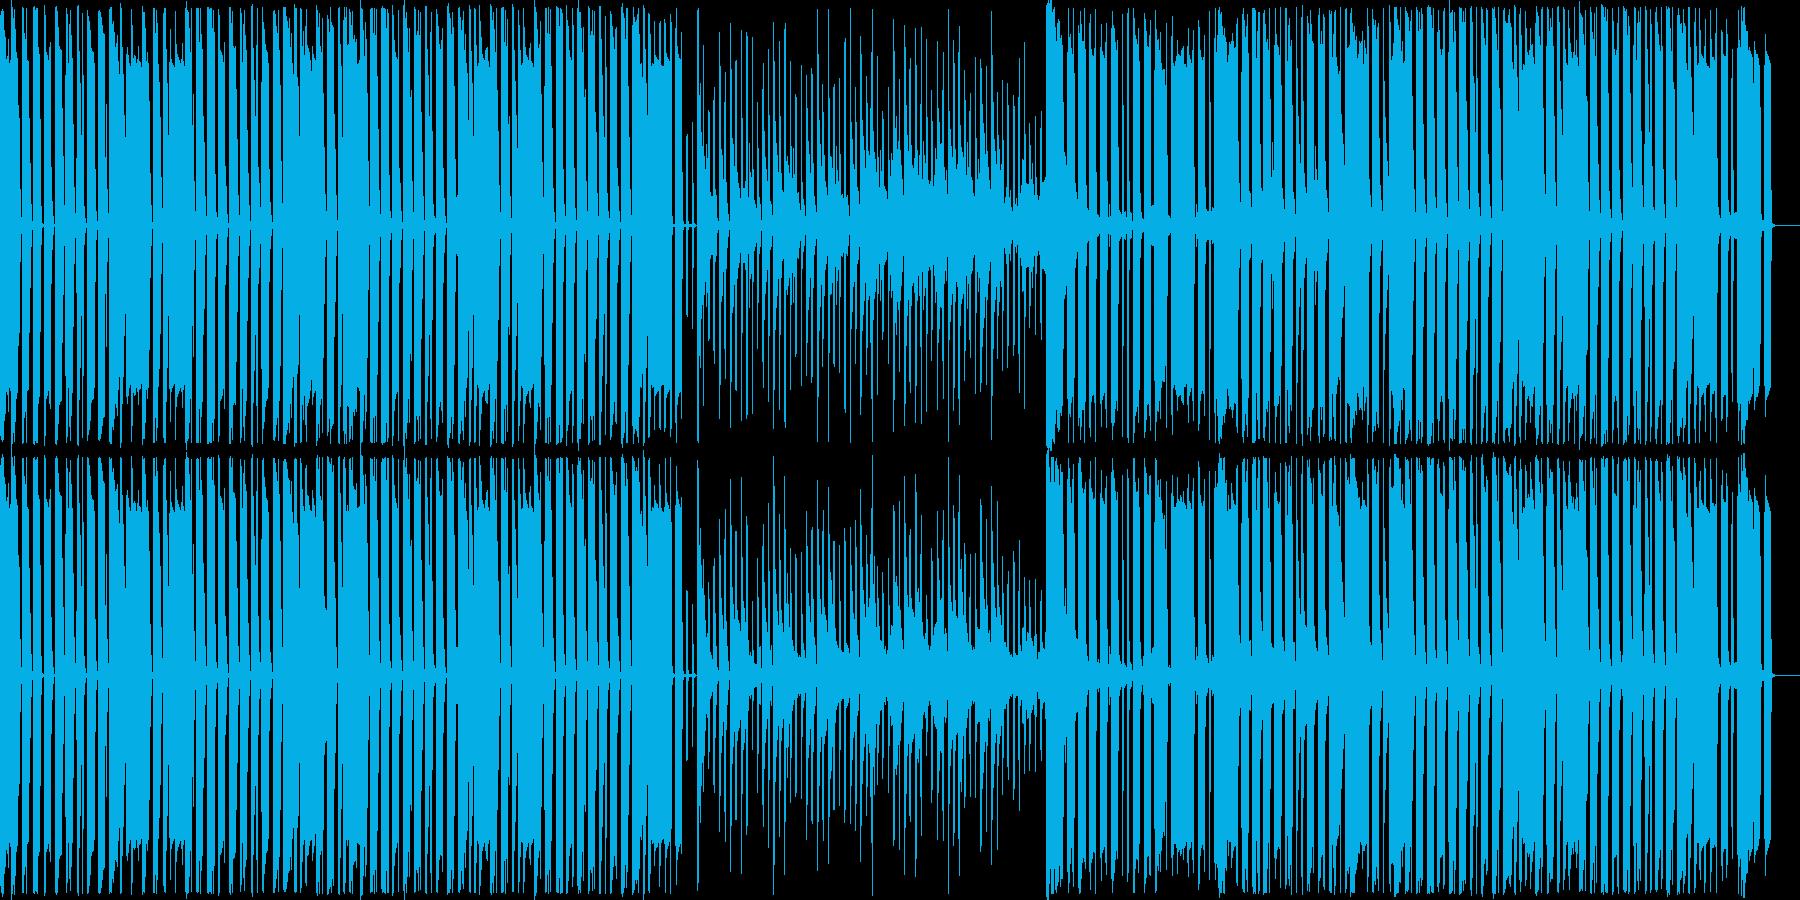 コミカルで楽しげなBGMの再生済みの波形